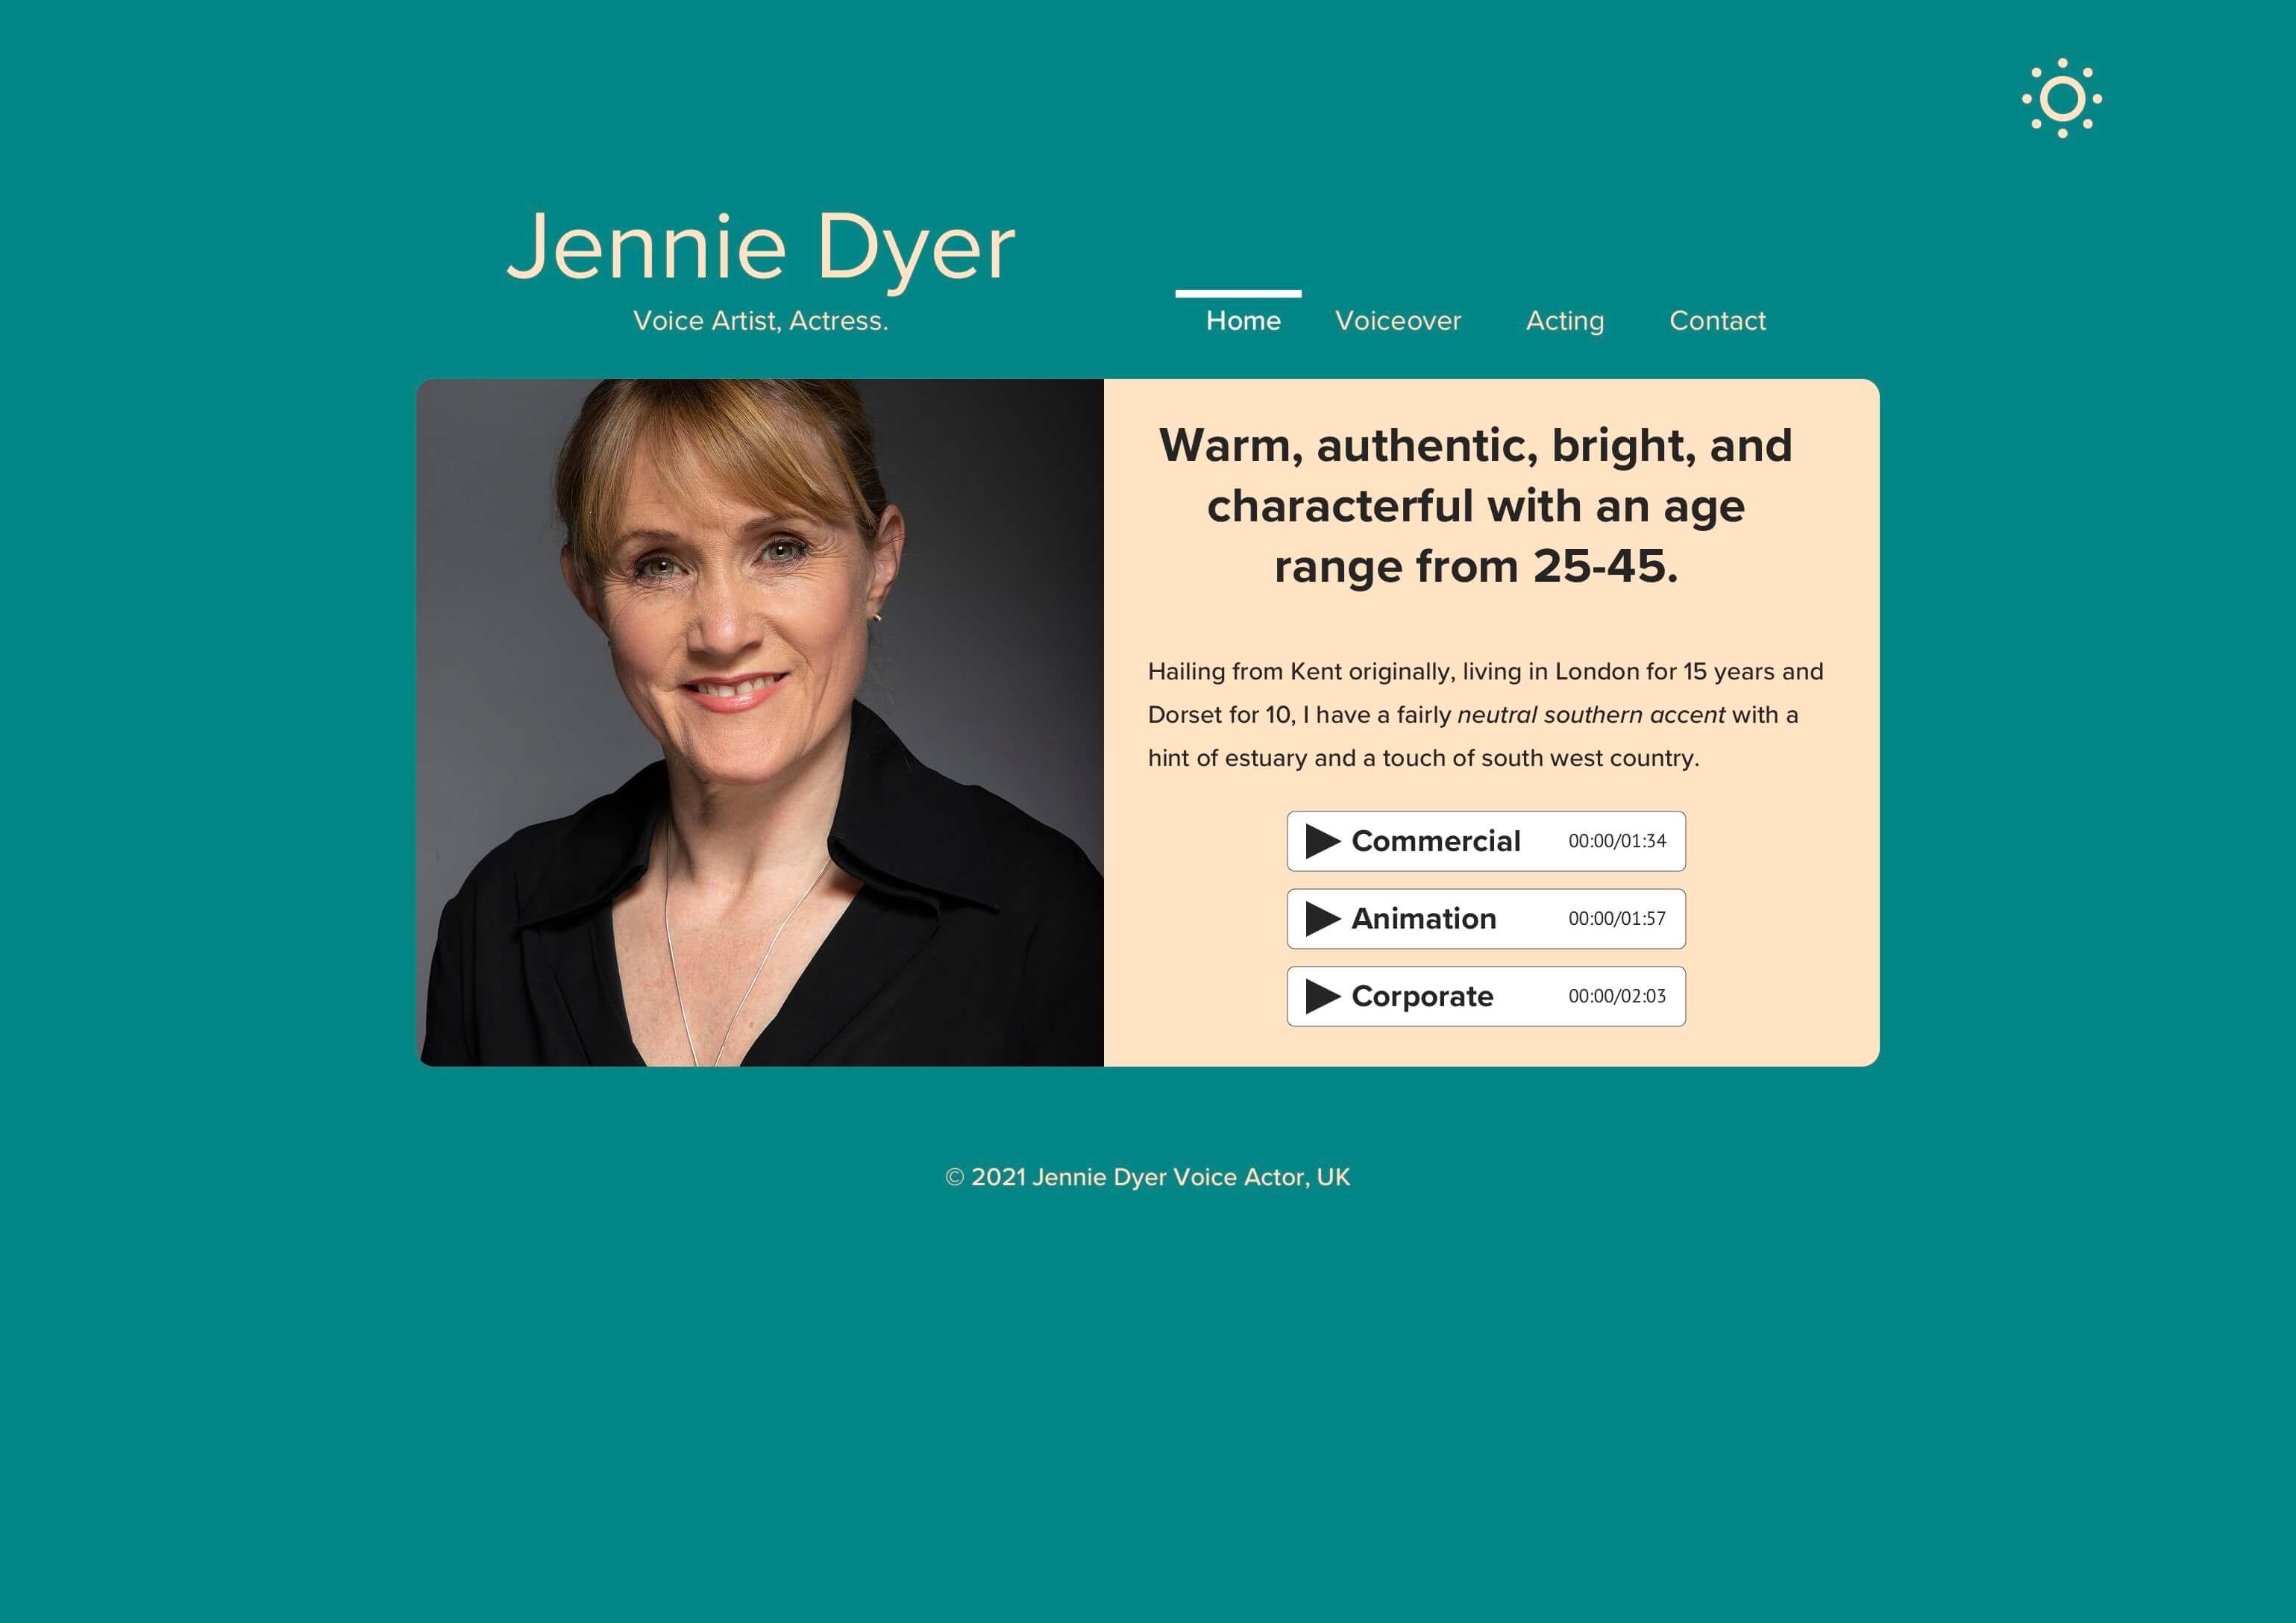 Blau ist verschwunden, Grün ist jetzt die dominierende Hintergrundfarbe für Jennies Tageslicht-Homepage-Design (inspiriert vom Grün in ihren Augen)